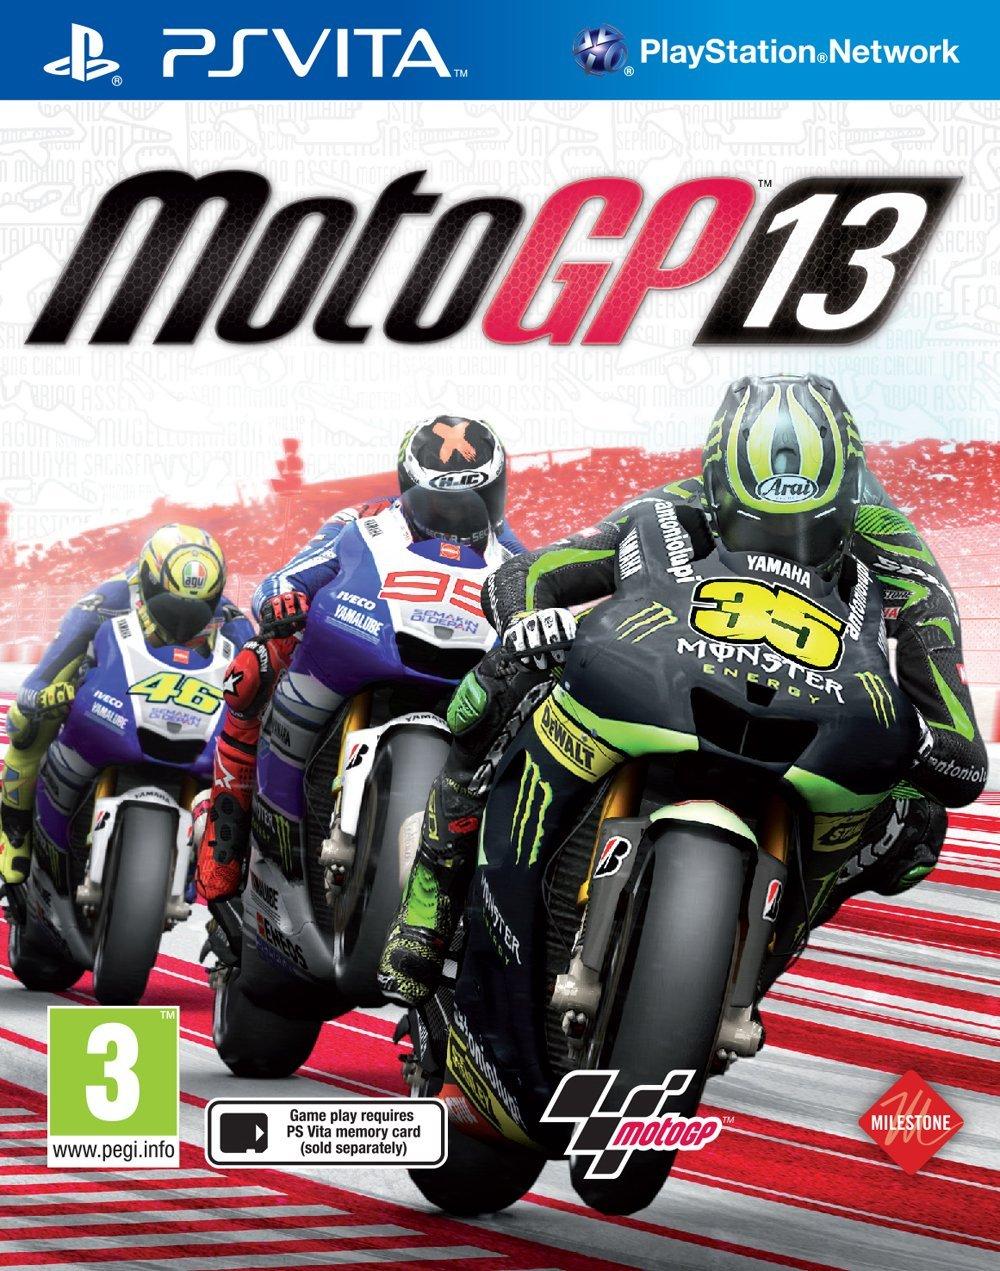 Moto GP 13 (MotoGP 13) PSVita  38.99